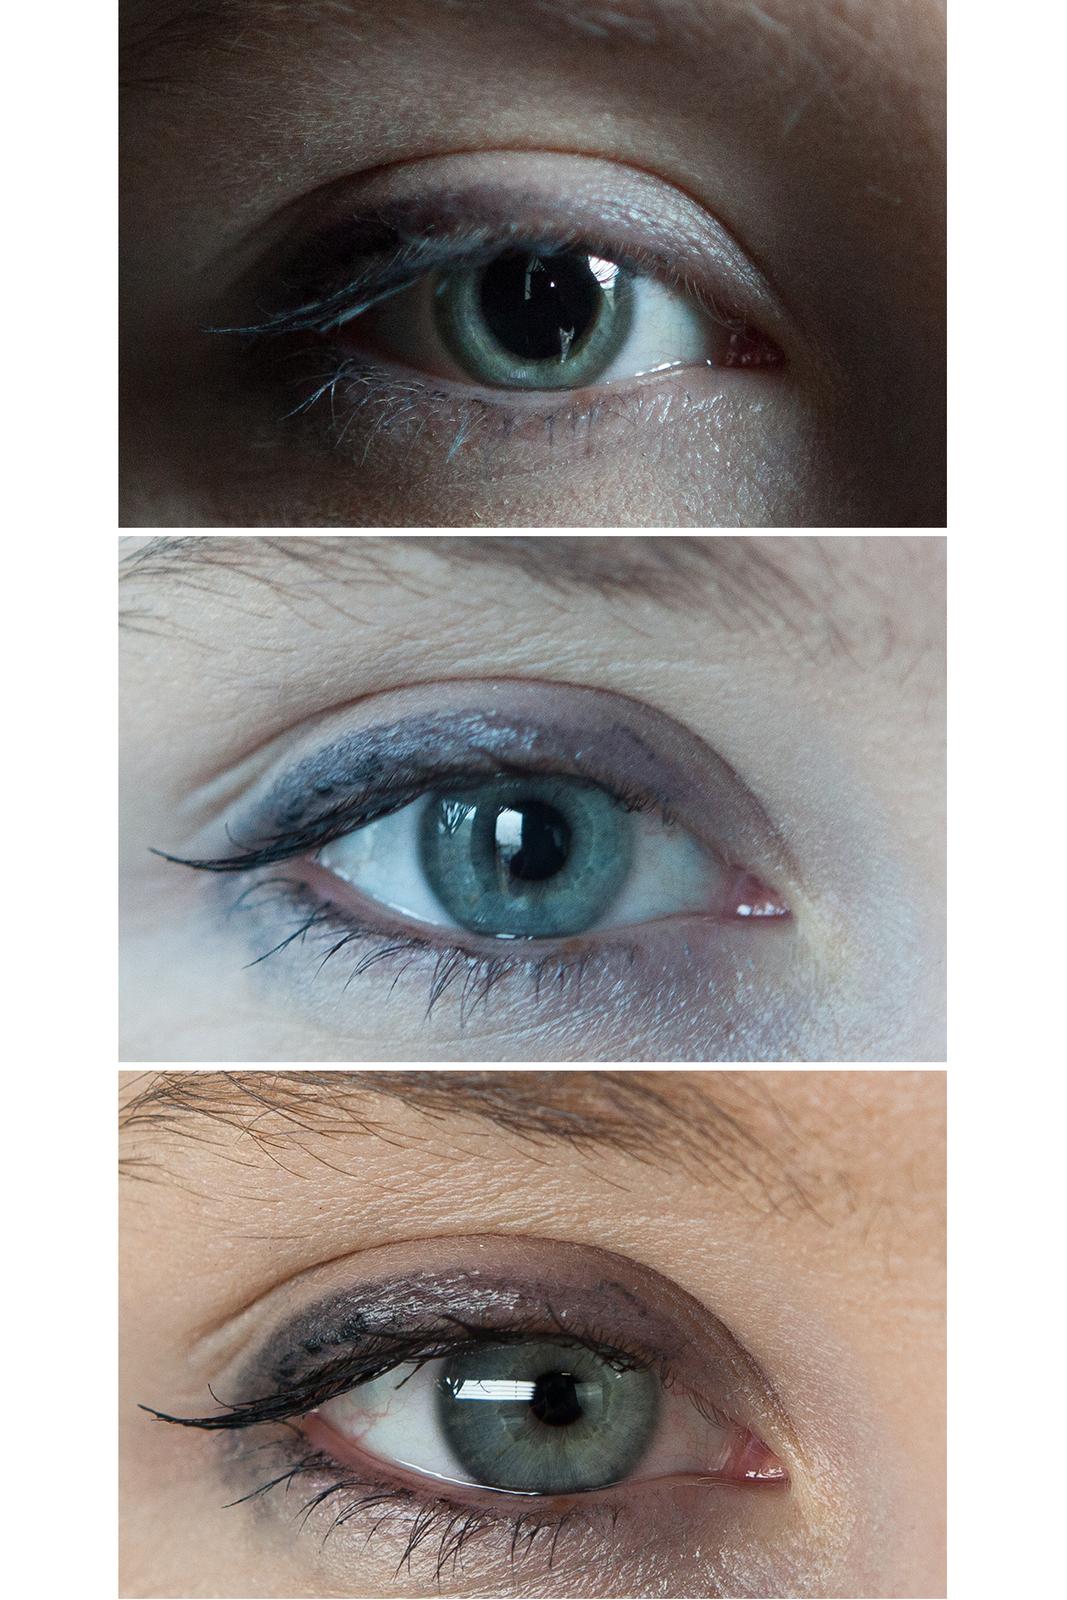 Trzy fotografie przedstawiają zbliżenia oka wróżnym oświetleniu. Ugóry wsłabym świetle źrenica jest mocno poszerzona, atęczówka zwężona. Środkowe zdjęcie przedstawia oko wnormalnym oświetleniu. Źrenica jest okrągła, średniej wielkości. Udołu wostrym świetle źrenica jest mocno zwężona, atęczówka poszerzona.